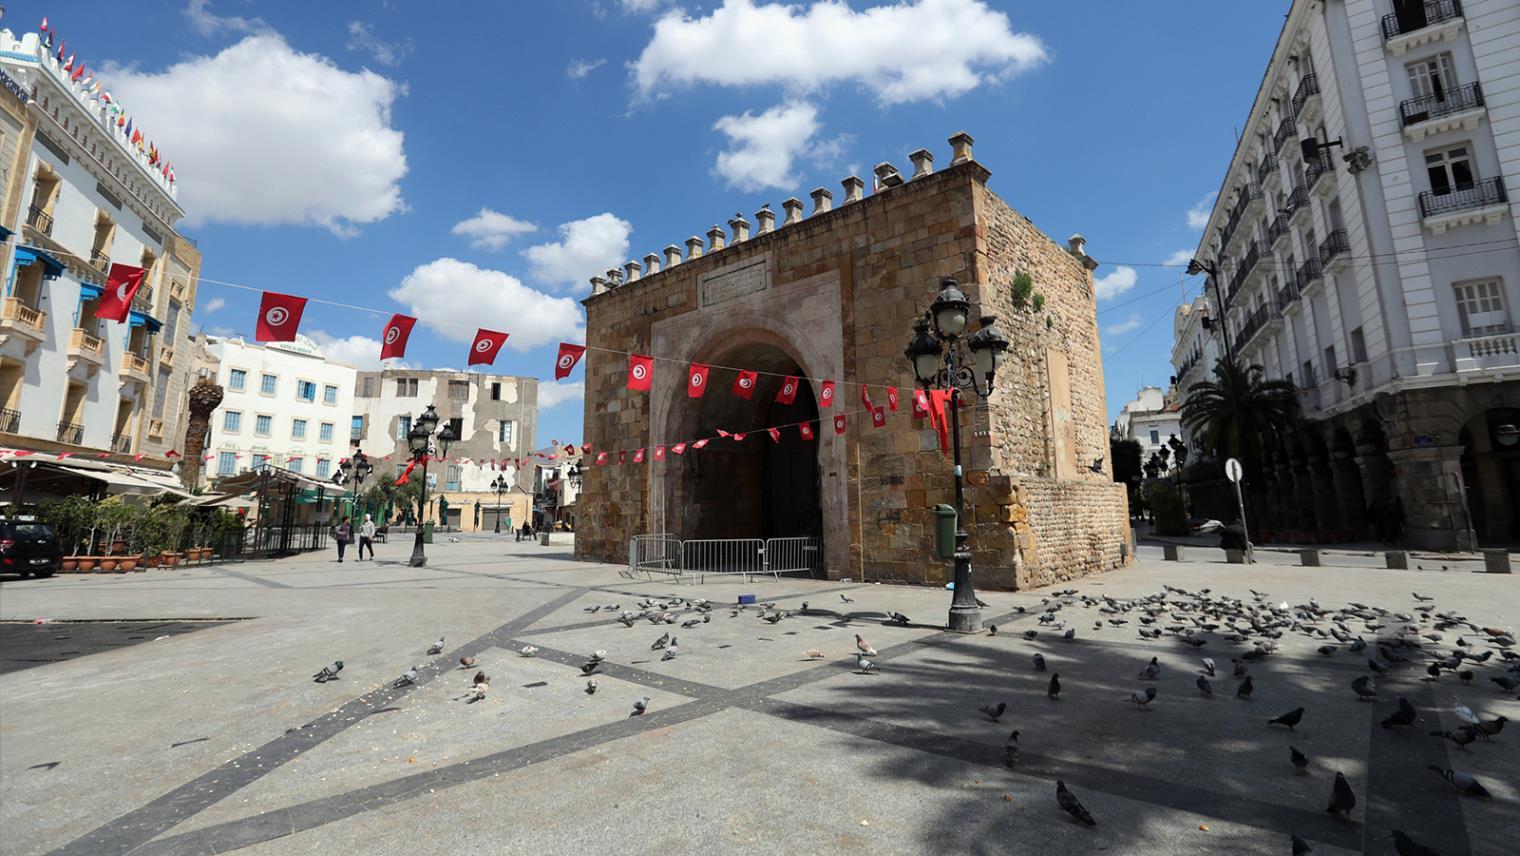 ساحة باب بحر تونس العاصمة العاصمة